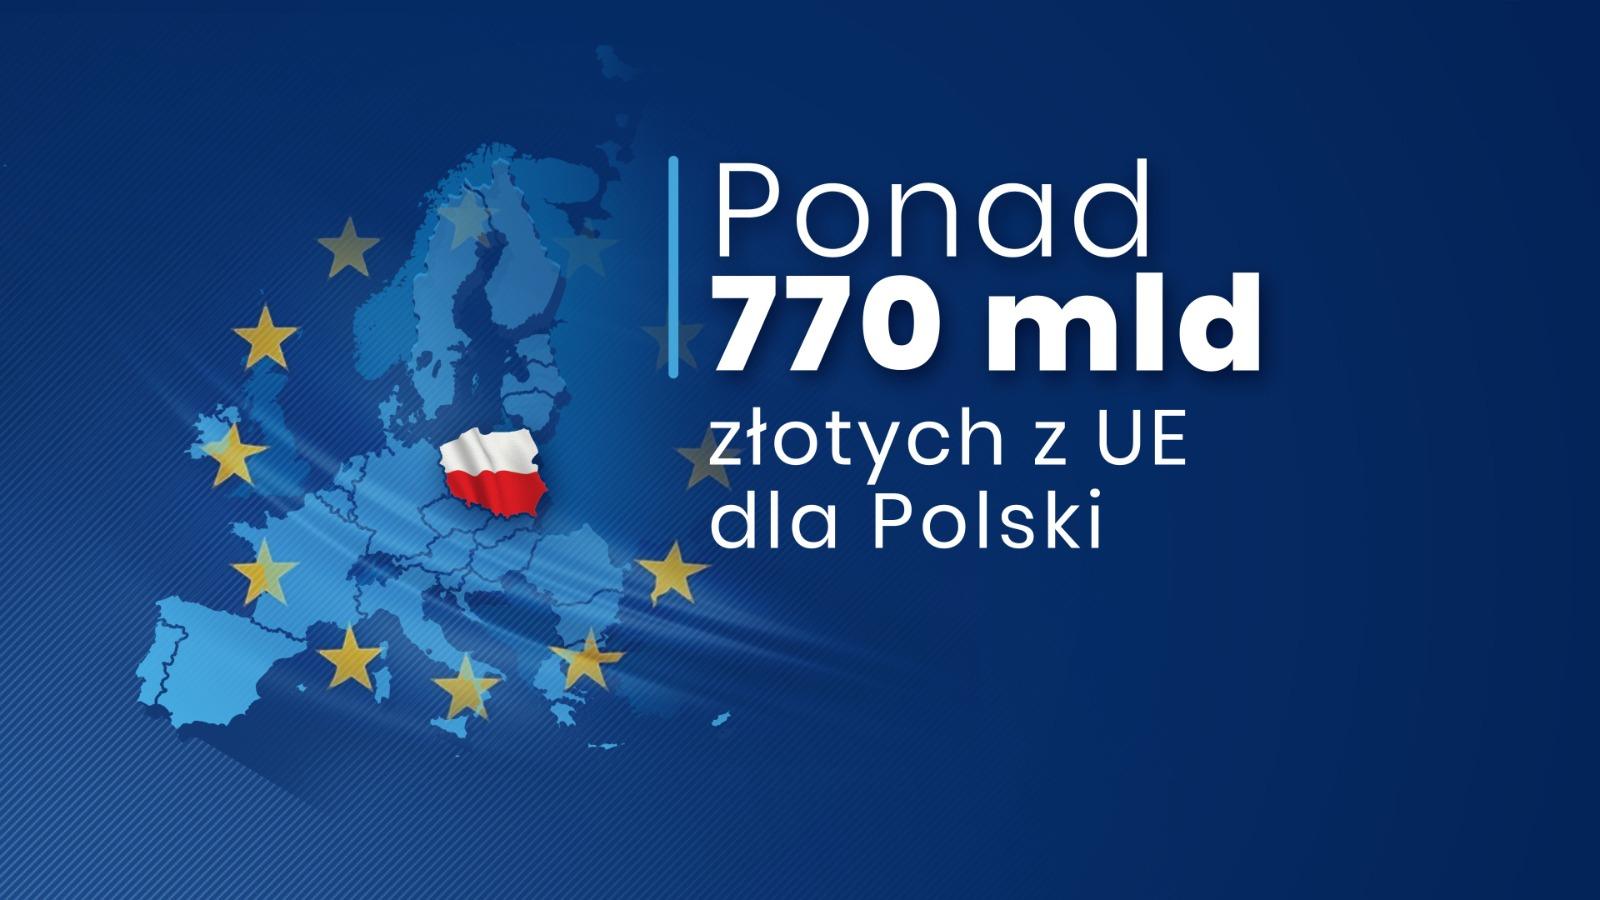 Podczas zakończonego Szczytu Rady Europejskiej w Brukseli premier Mateusz Morawiecki wynegocjował najlepsze warunki finansowe w historii polskiego członkostwa w UE. Zabezpieczył też Polskę przed arbitralnymi decyzjami.